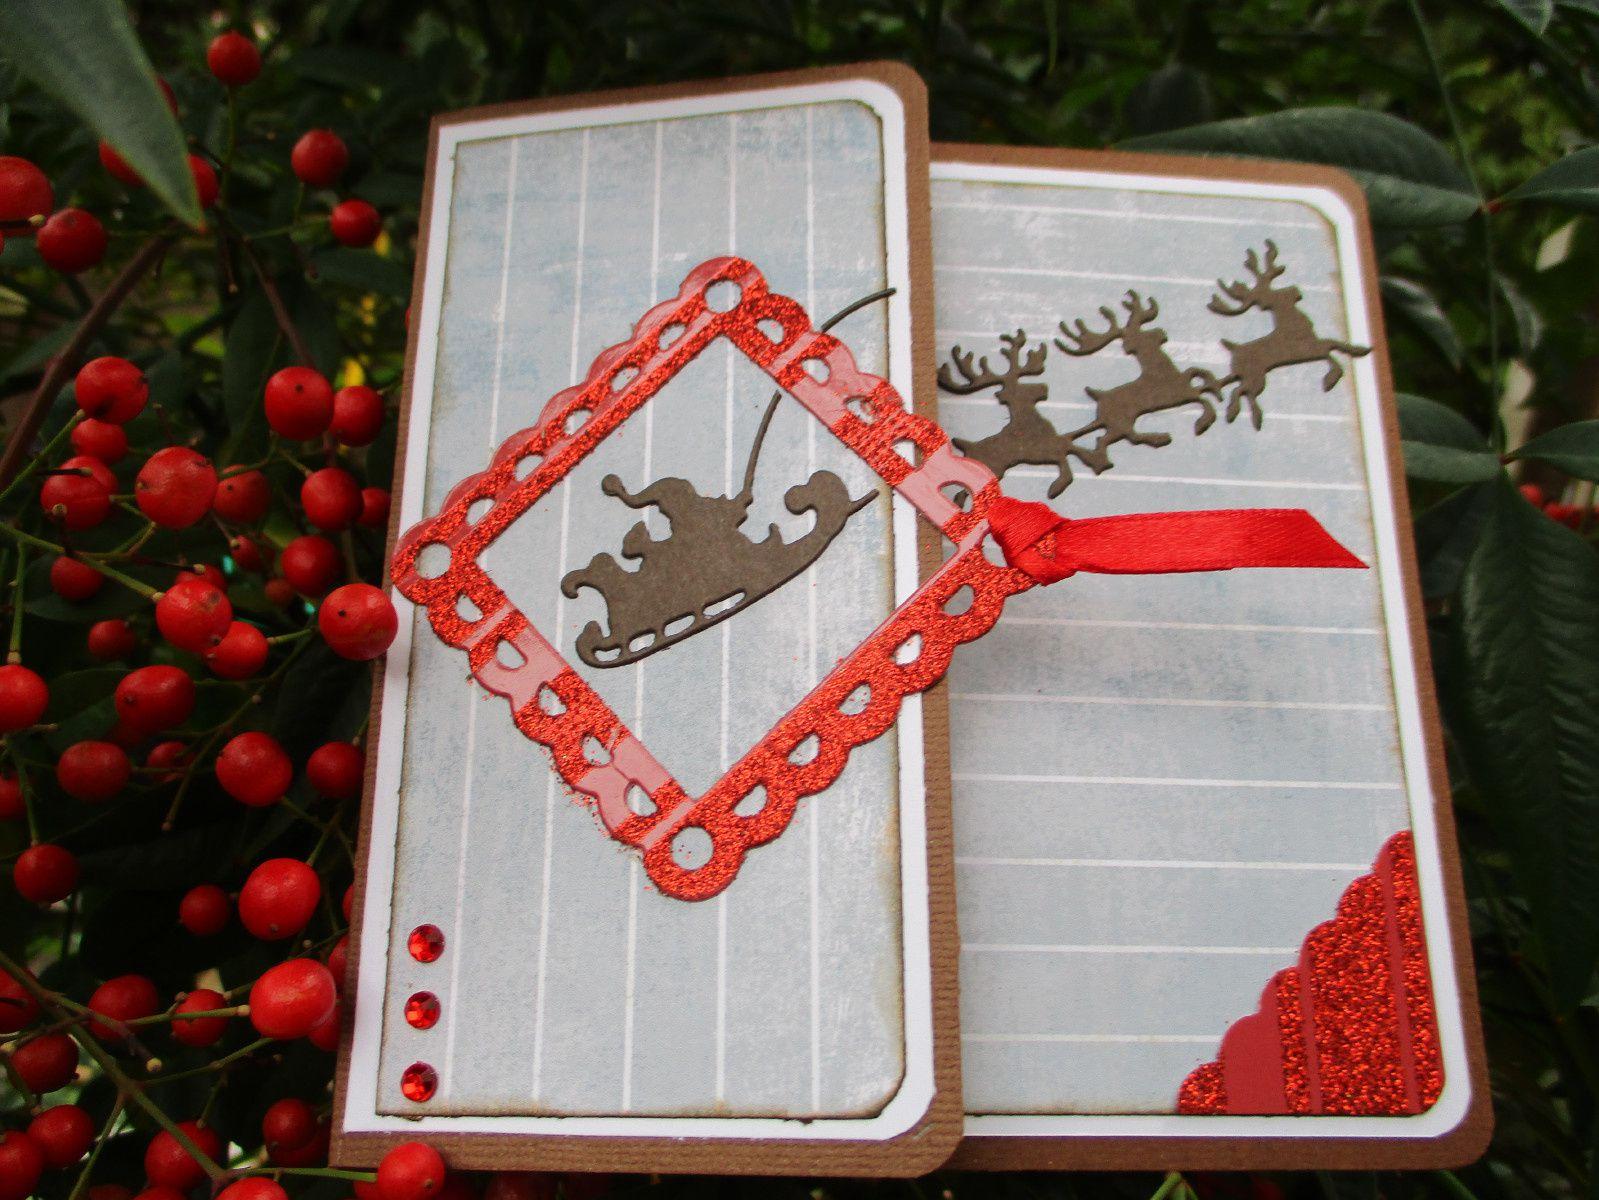 Cartes et bottes de Noël fait maison